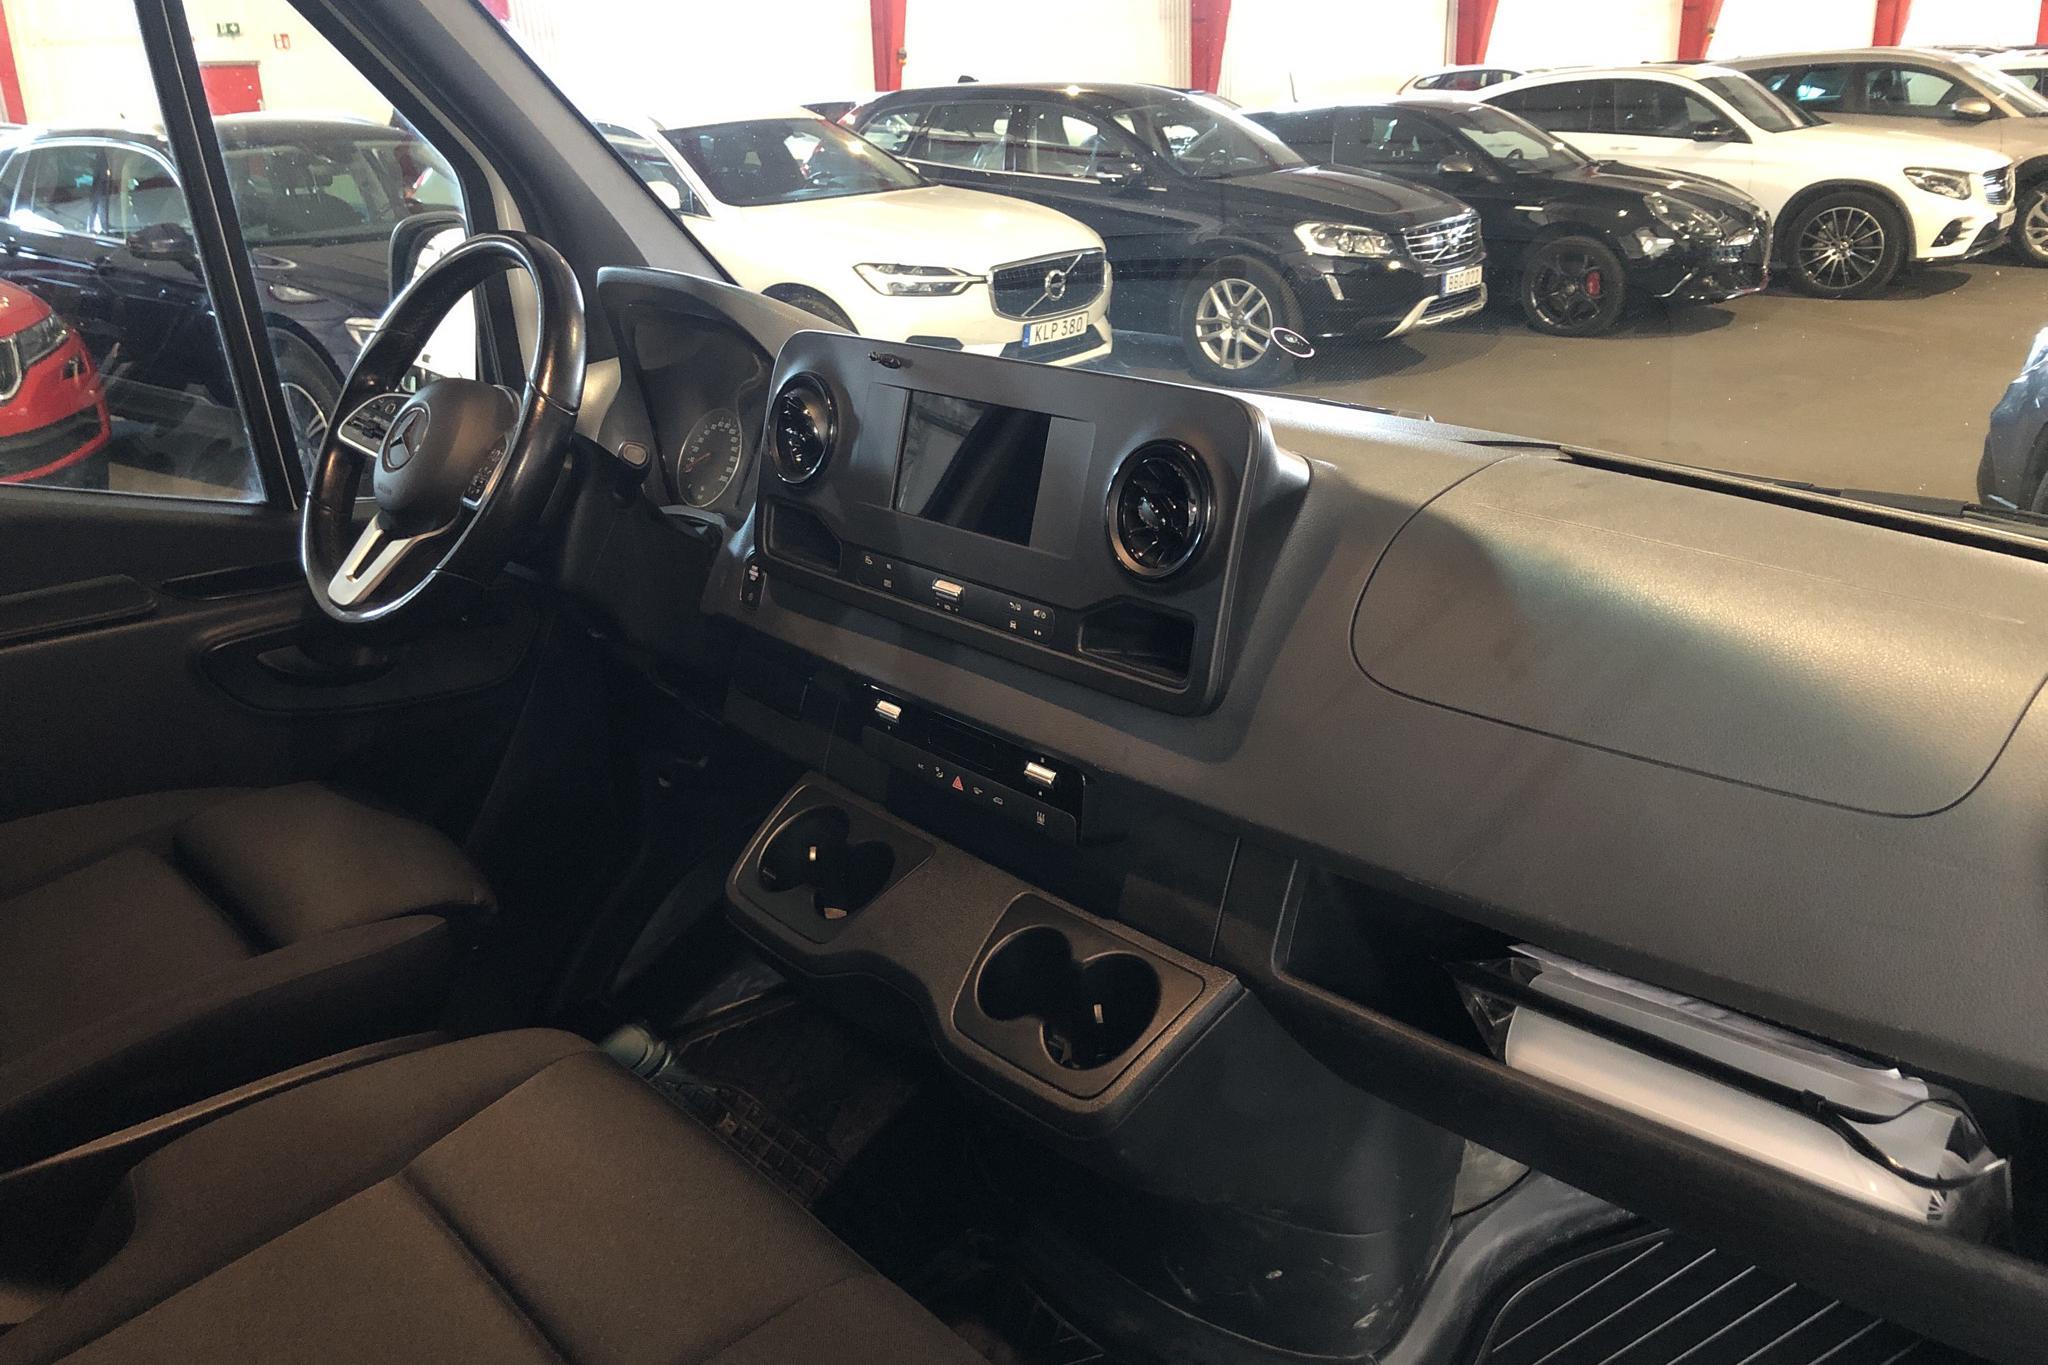 Mercedes Sprinter 319 CDI Chassi RWD (190hk) - 4 304 mil - Automat - vit - 2020